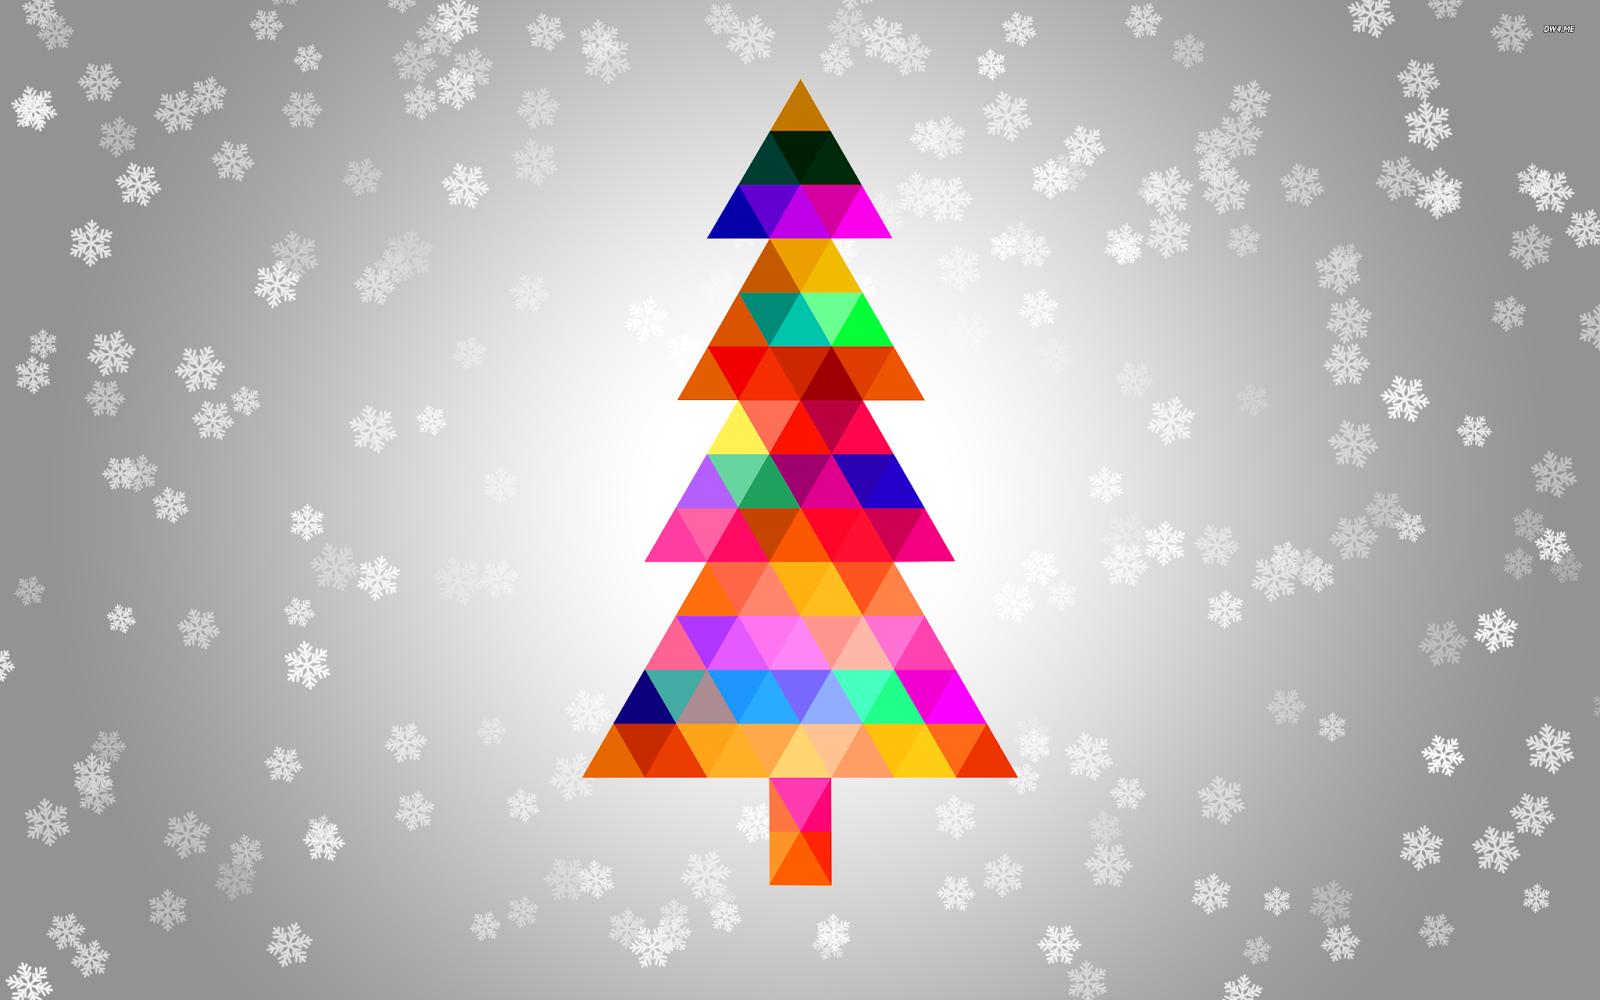 خلفيات شجرة الكريسماس